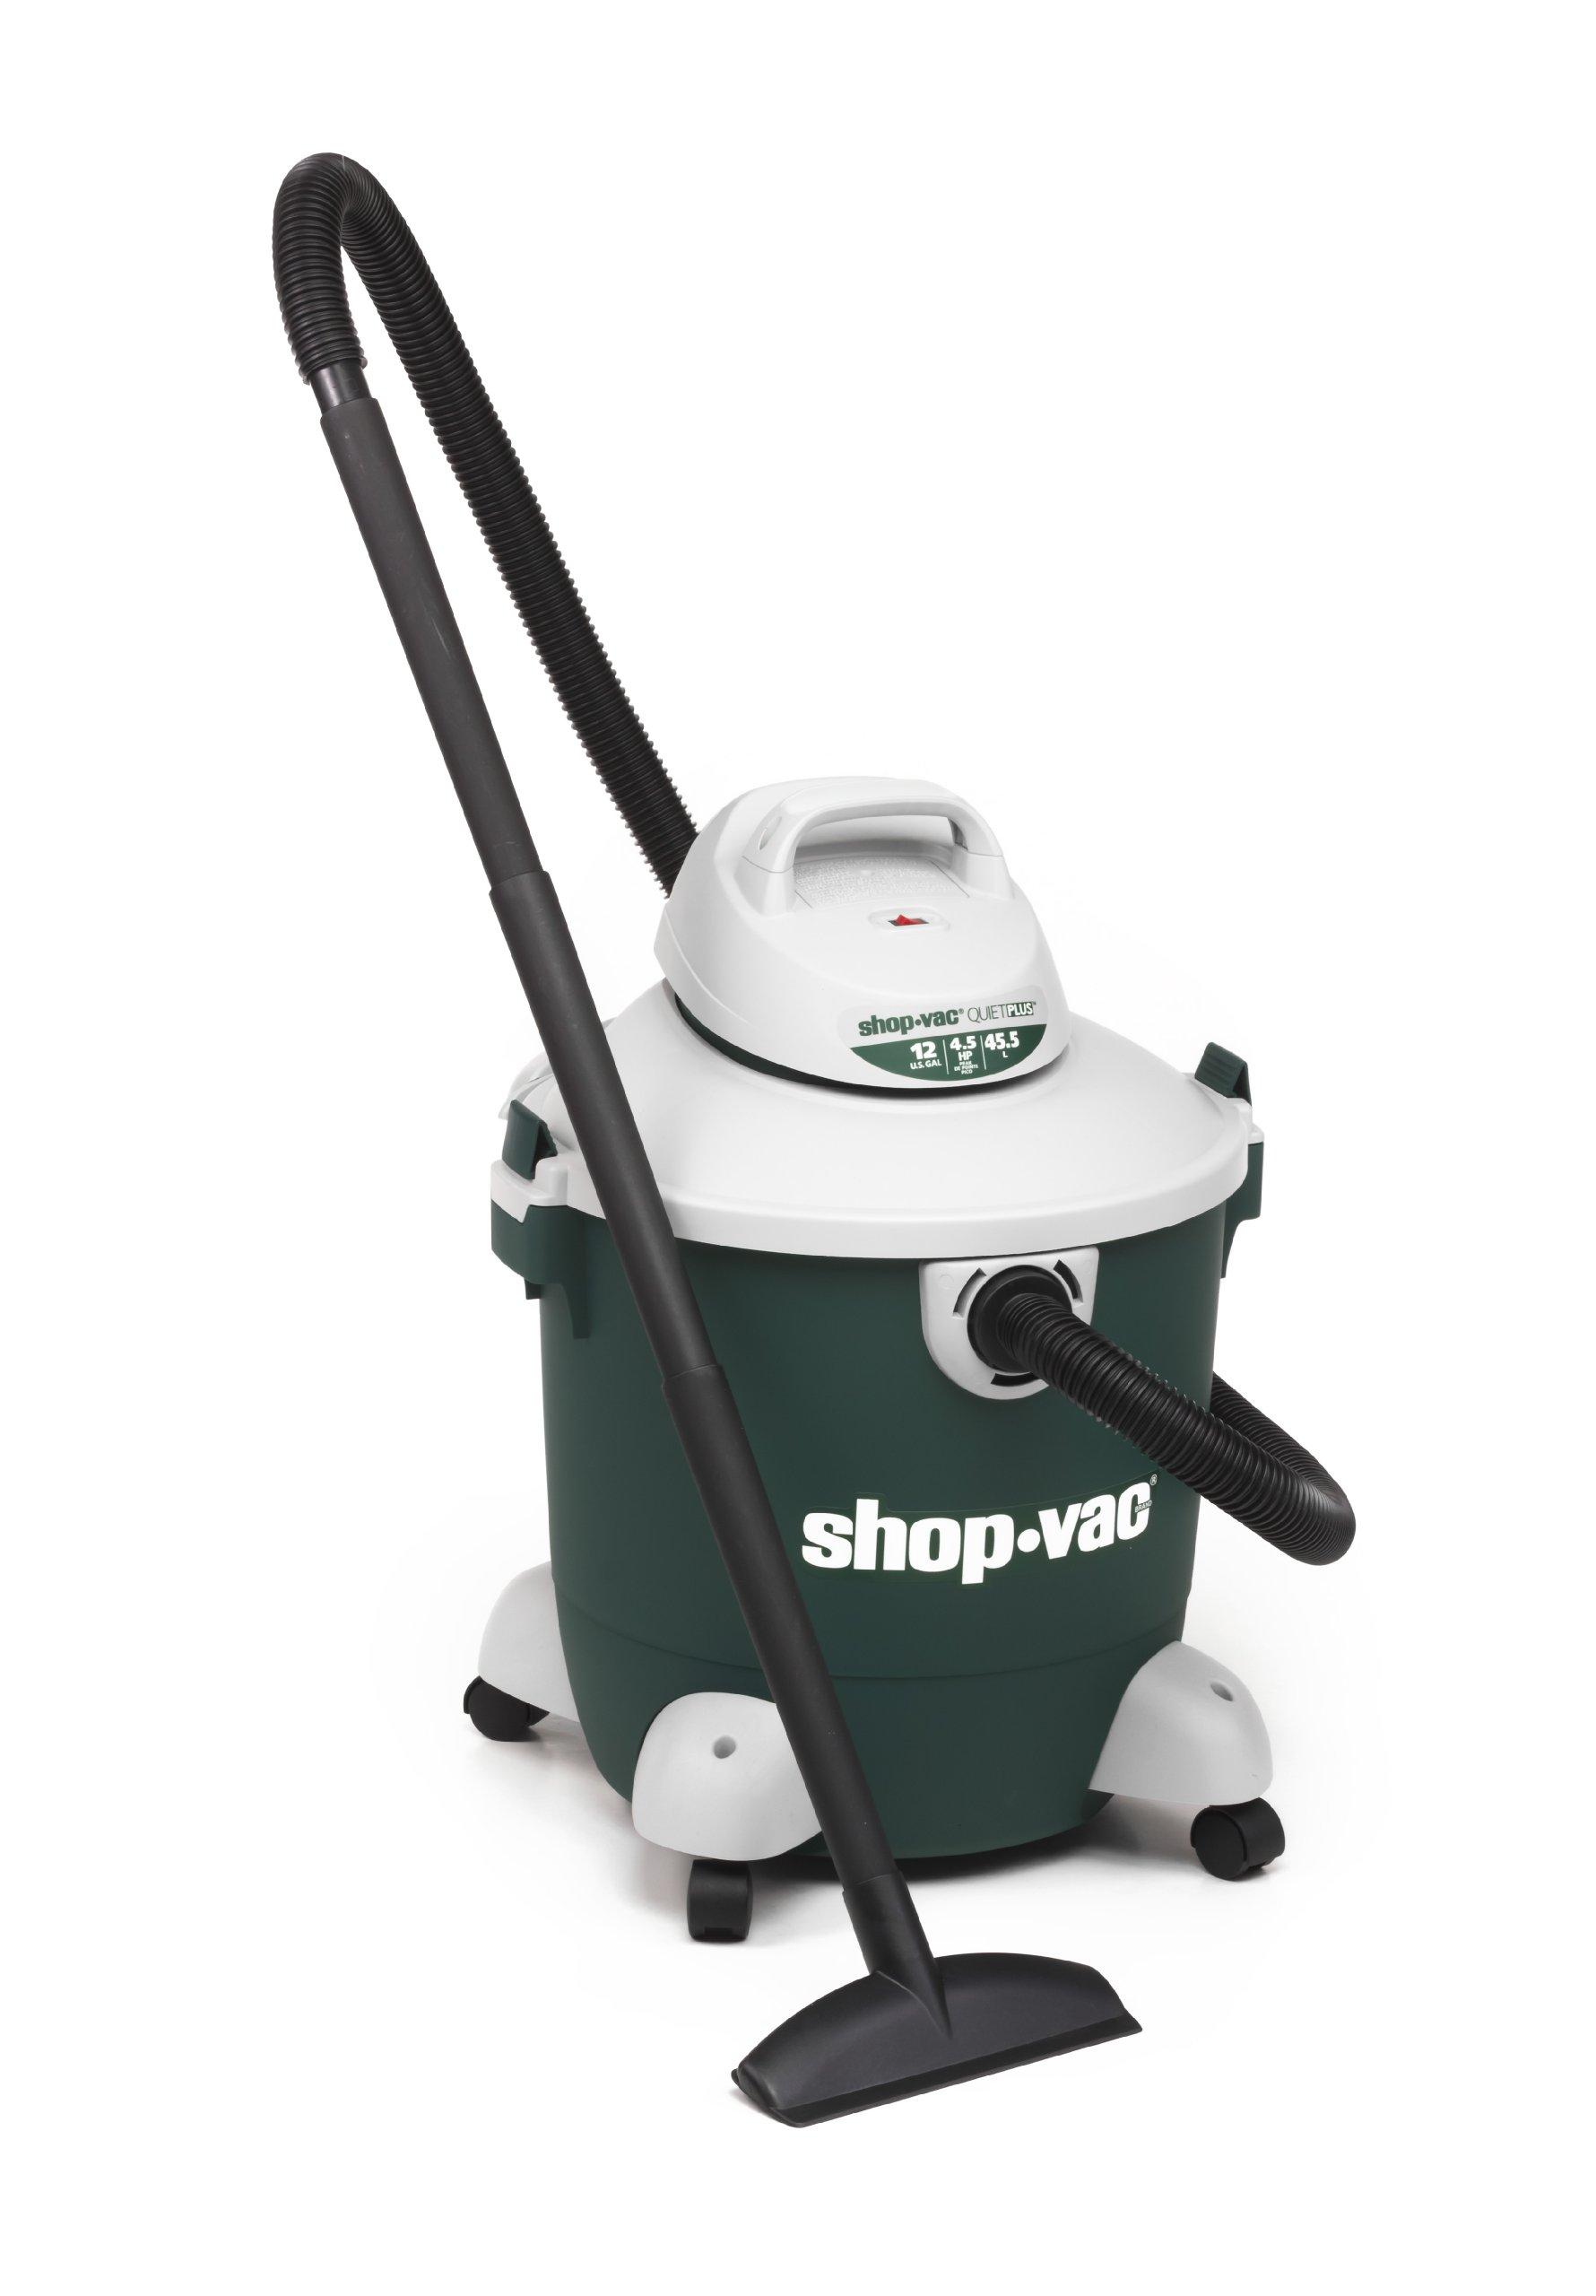 Shop-Vac 5981200 12-Gallon 4.5 Peak HP Quiet Plus Series Wet Dry Vacuum by Shop-Vac